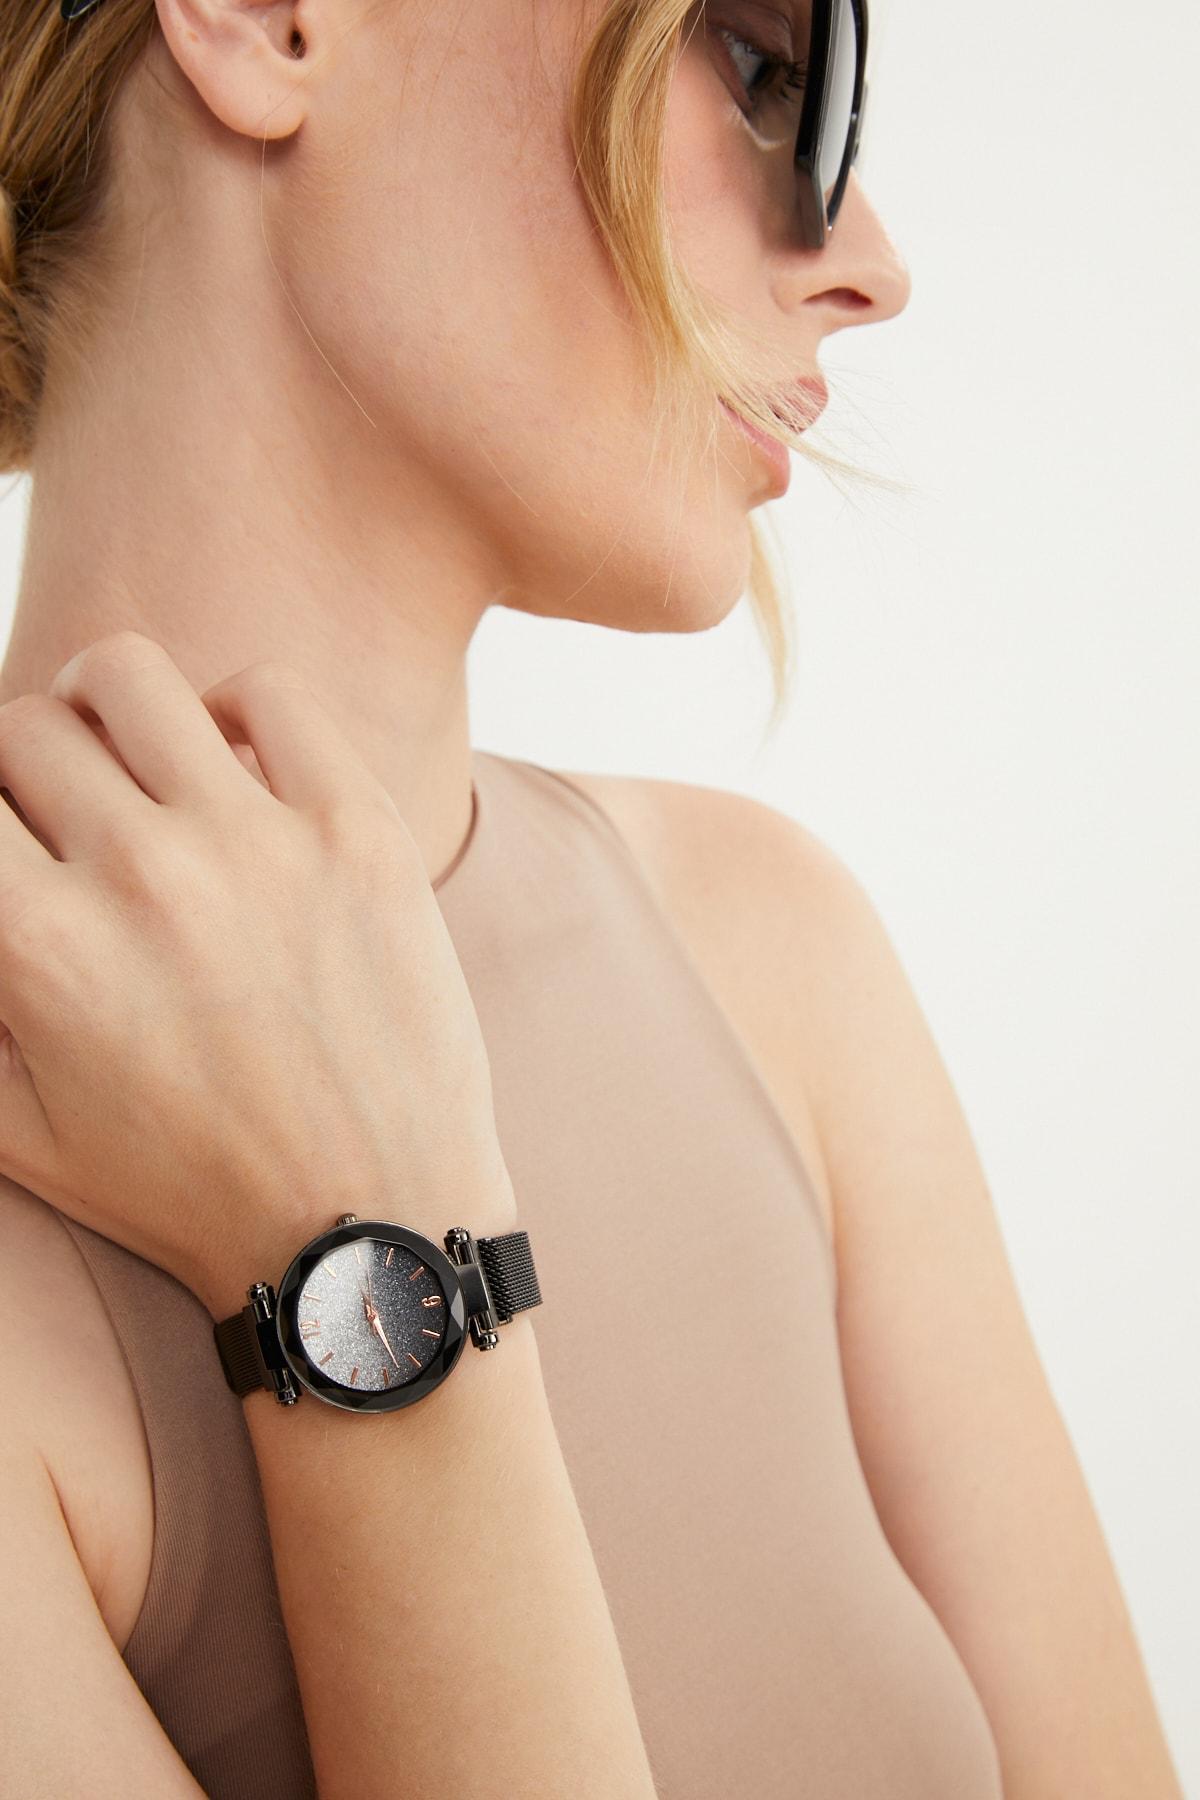 Kadın Hasır Mıknatıslı Kol Saati Siyah Apsv1-a5444-kh333